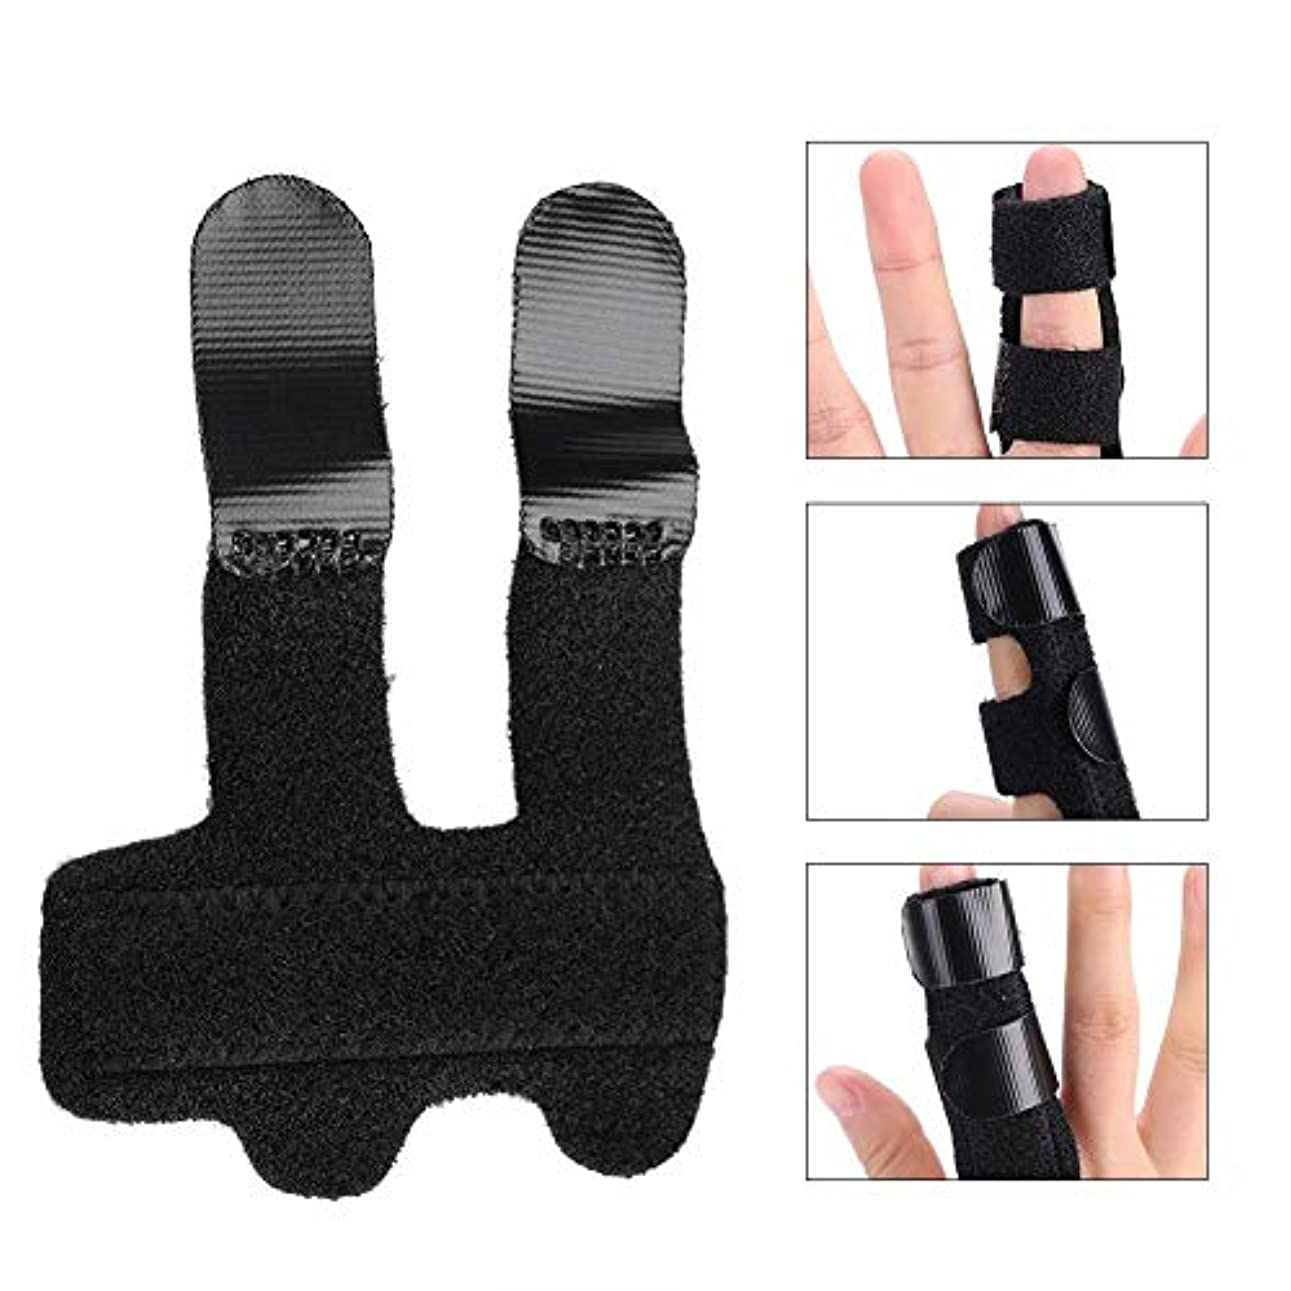 ファックス滞在モールフィンガー剛性、変形性関節症、捻挫指の関節の痛みを軽減するためのばね指スプリント、指拡張添え木指ブレース/指矯正ブレース/ばね指サポーター